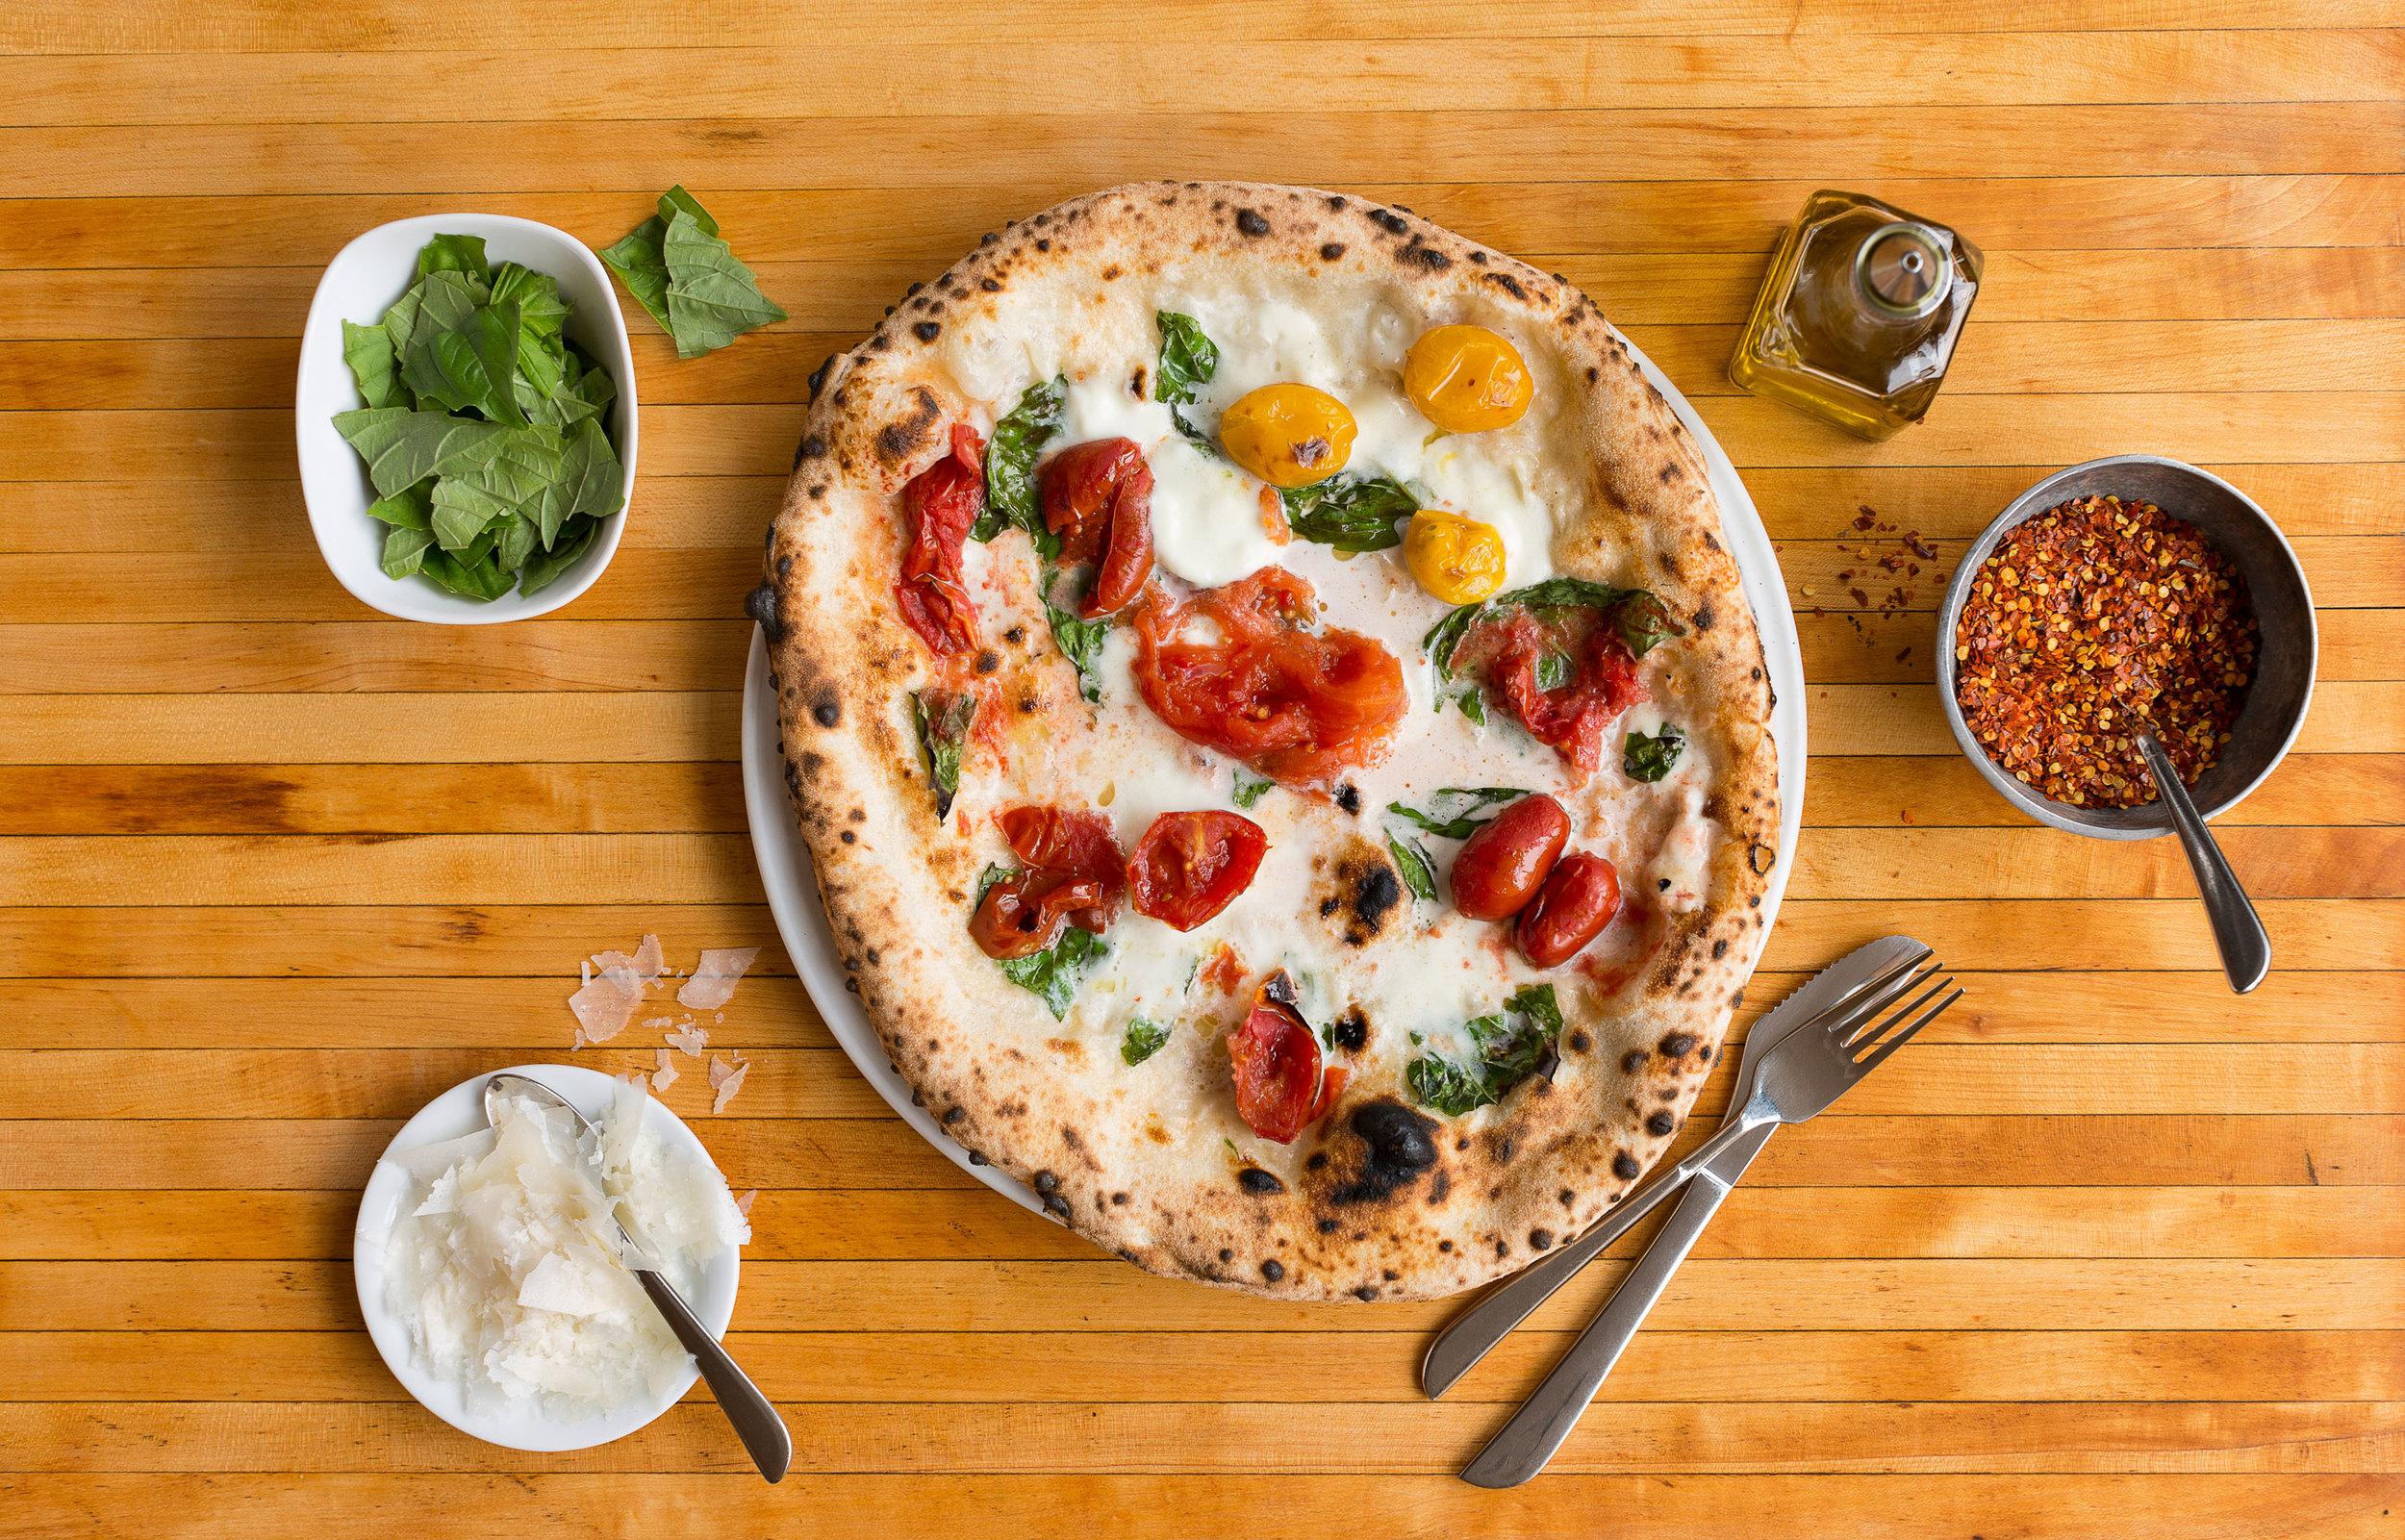 A Neopolitan pizza